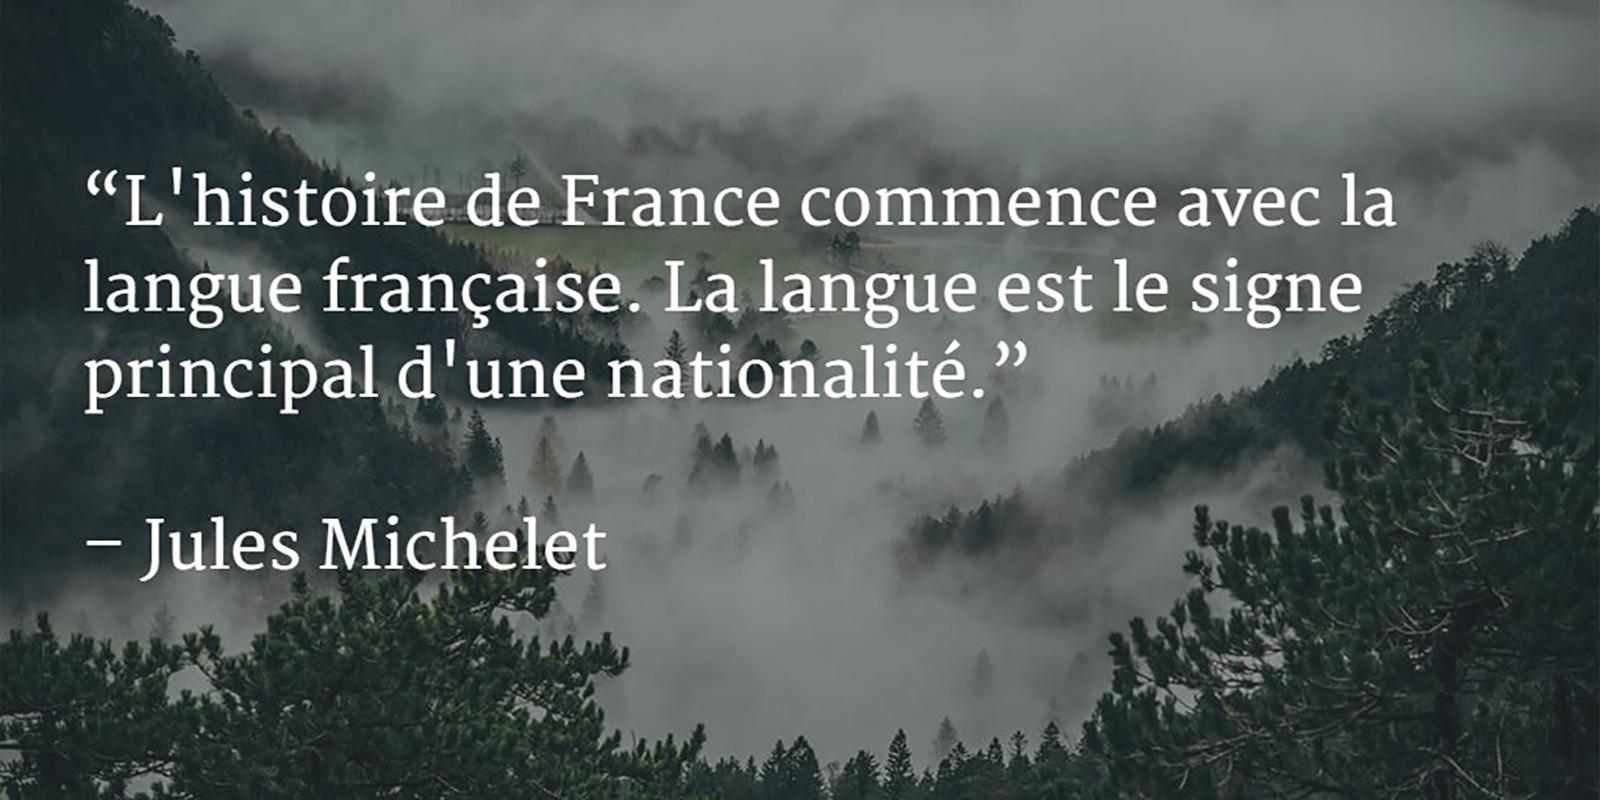 L'histoire de France commence avec la langue française - Jules Michelet - danny d'purb dpurb site web